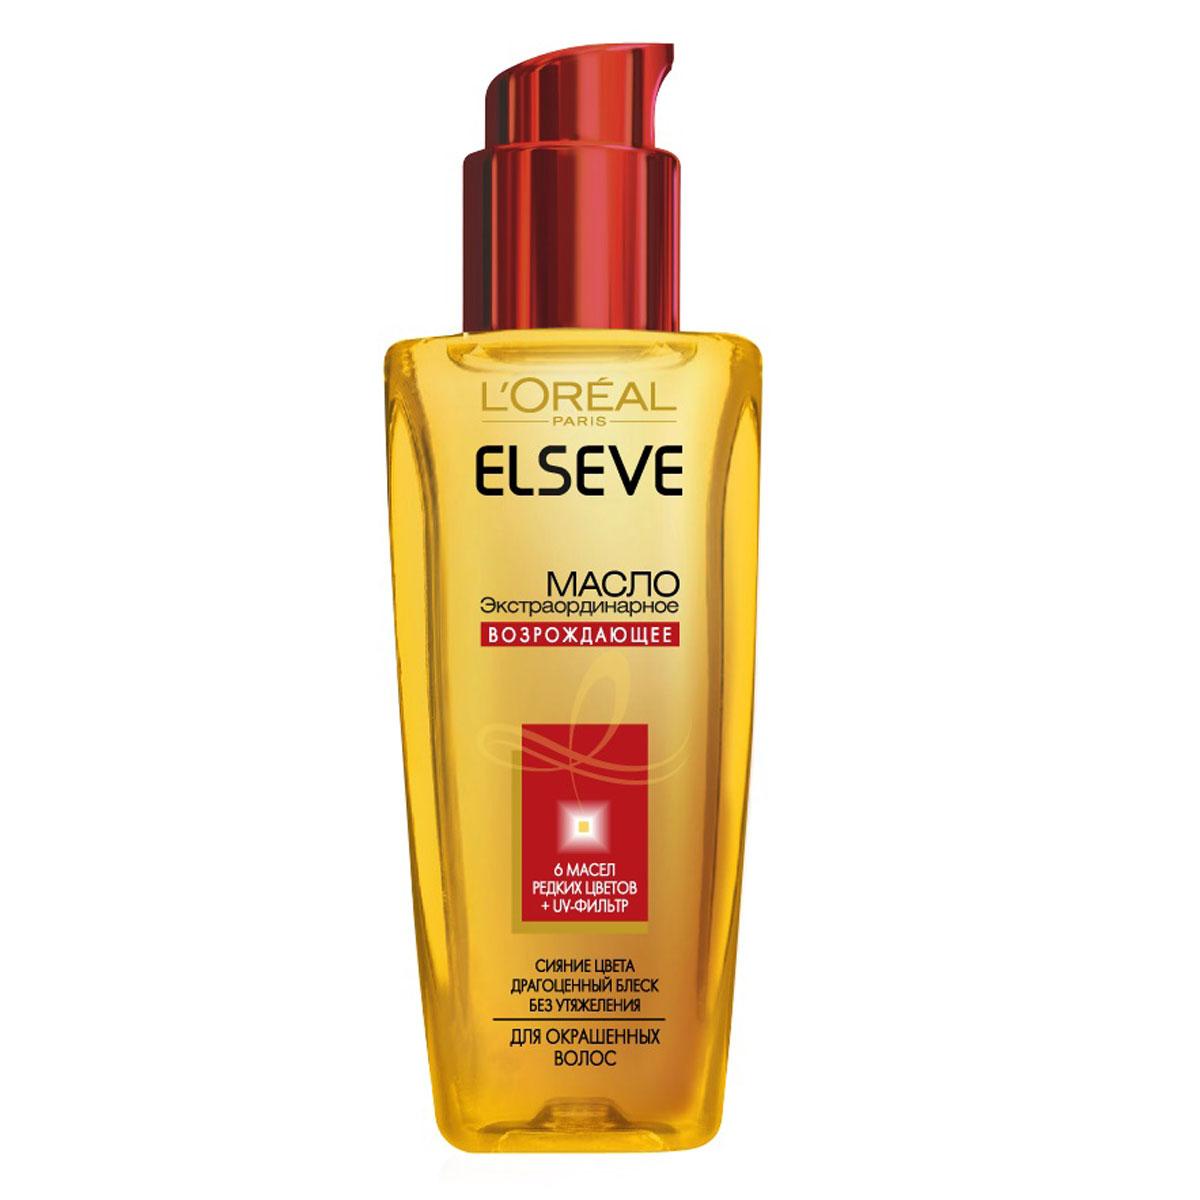 LOreal Paris Масло для волос Elseve, Экстраординарное, для окрашенных волос, 100 млA7336702Лаборатории LOreal Paris использовали Алхимию 6 масел редких цветов, чтобы создать Экстраординарное Масло Elseve для окрашенных волос - свой лучший инновационный уход для окрашенных волос. Обогащенное UV-фильтром, масло преображает волокно волоса в струящуюся материю и совершенствует цвет. Его насыщенная нежирная формула с 6 маслами (Лотос, цветок Тиаре, Роза, Нивяник, Ромашка, семена Льна) специально составлена с учетом потребностей окрашенных и мелированных волос, поврежденных регулярным окрашиванием, частым мытьем и агрессивным воздействием внешней среды. Экстраординарное Масло Elseve для окрашенных волос глубоко питает ваши окрашенные волосы, делая цвет волос сочным, насыщенным, а также придавая вашим волосам живительную силу и ослепительный блеск без утяжеления. Легкий восточный аромат с древесными и экзотическими нотками превращает использование Экстраординарного Масла Elseve в незабываемое чувственное удовольствие, окутывая ваши волосы изысканным опьяняющим благоуханием.